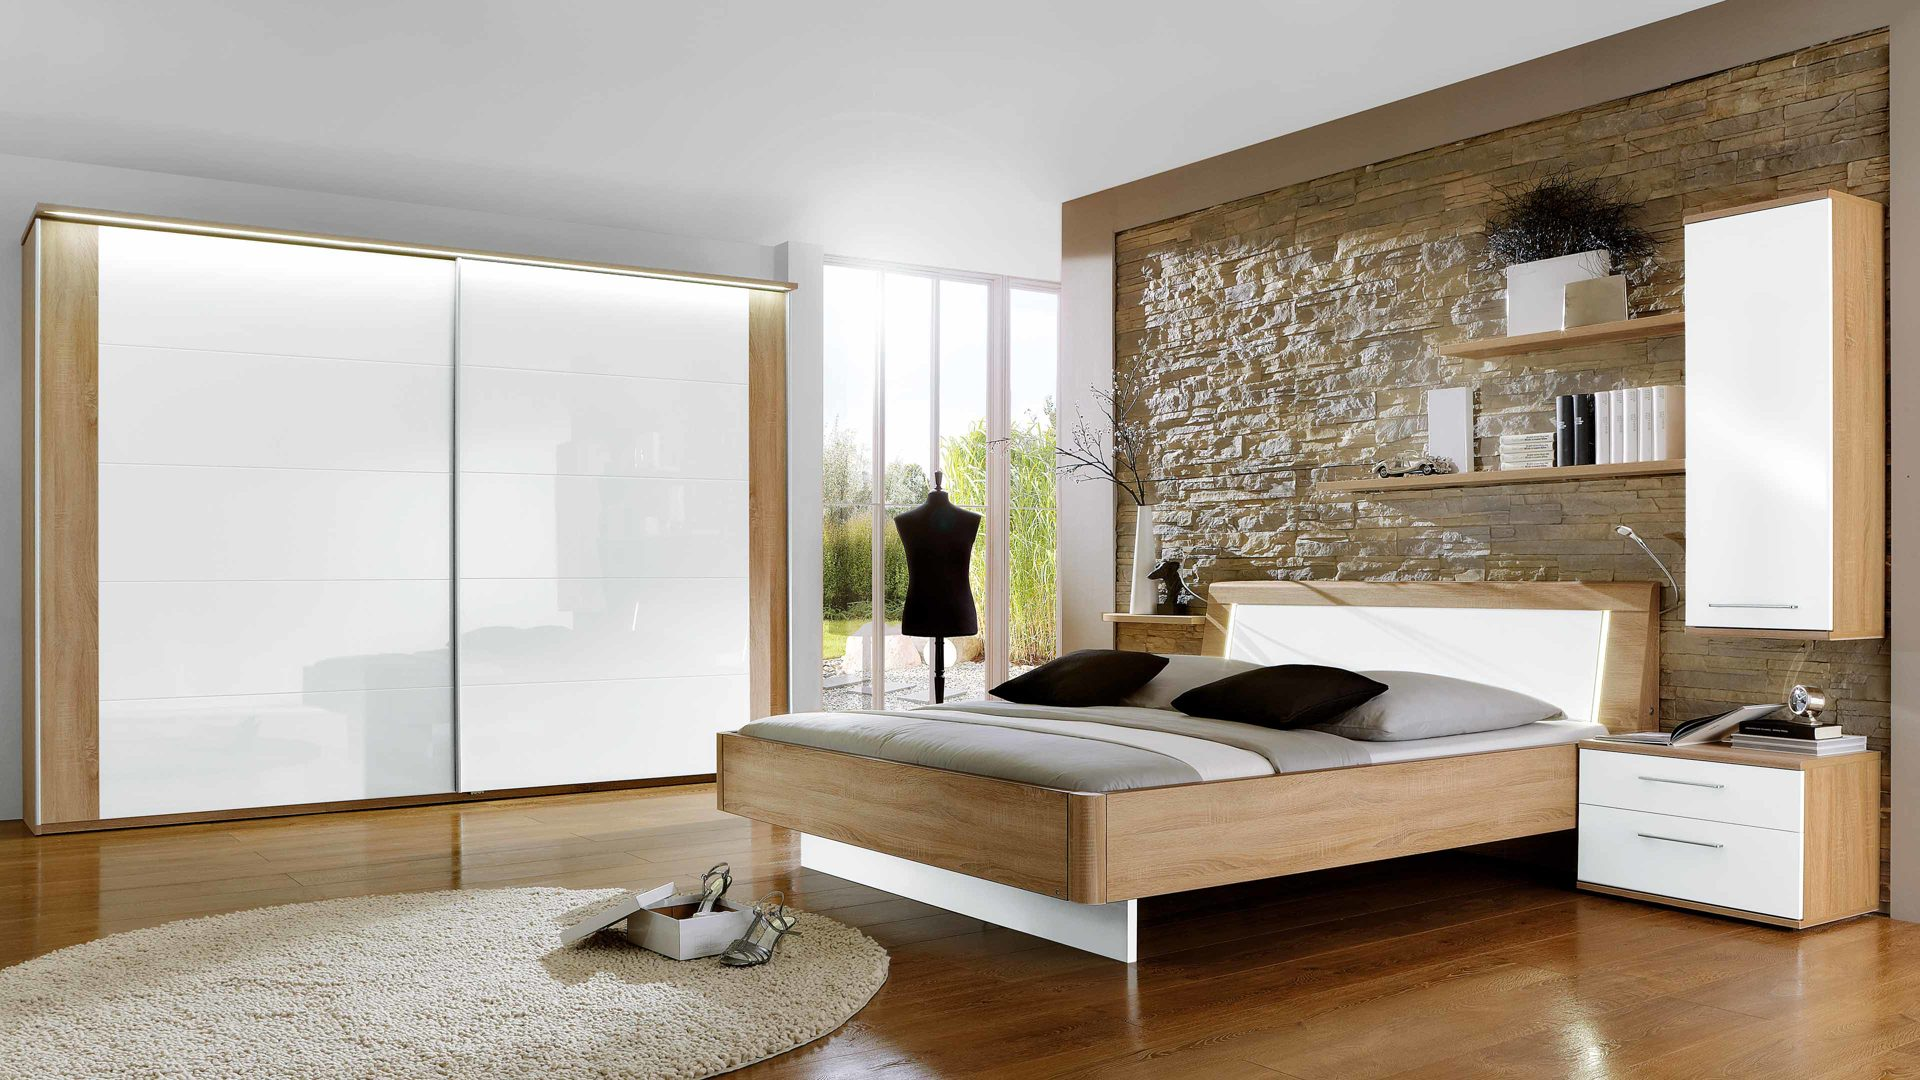 Schlafzimmer Modern Weiß Holz sdatec.com